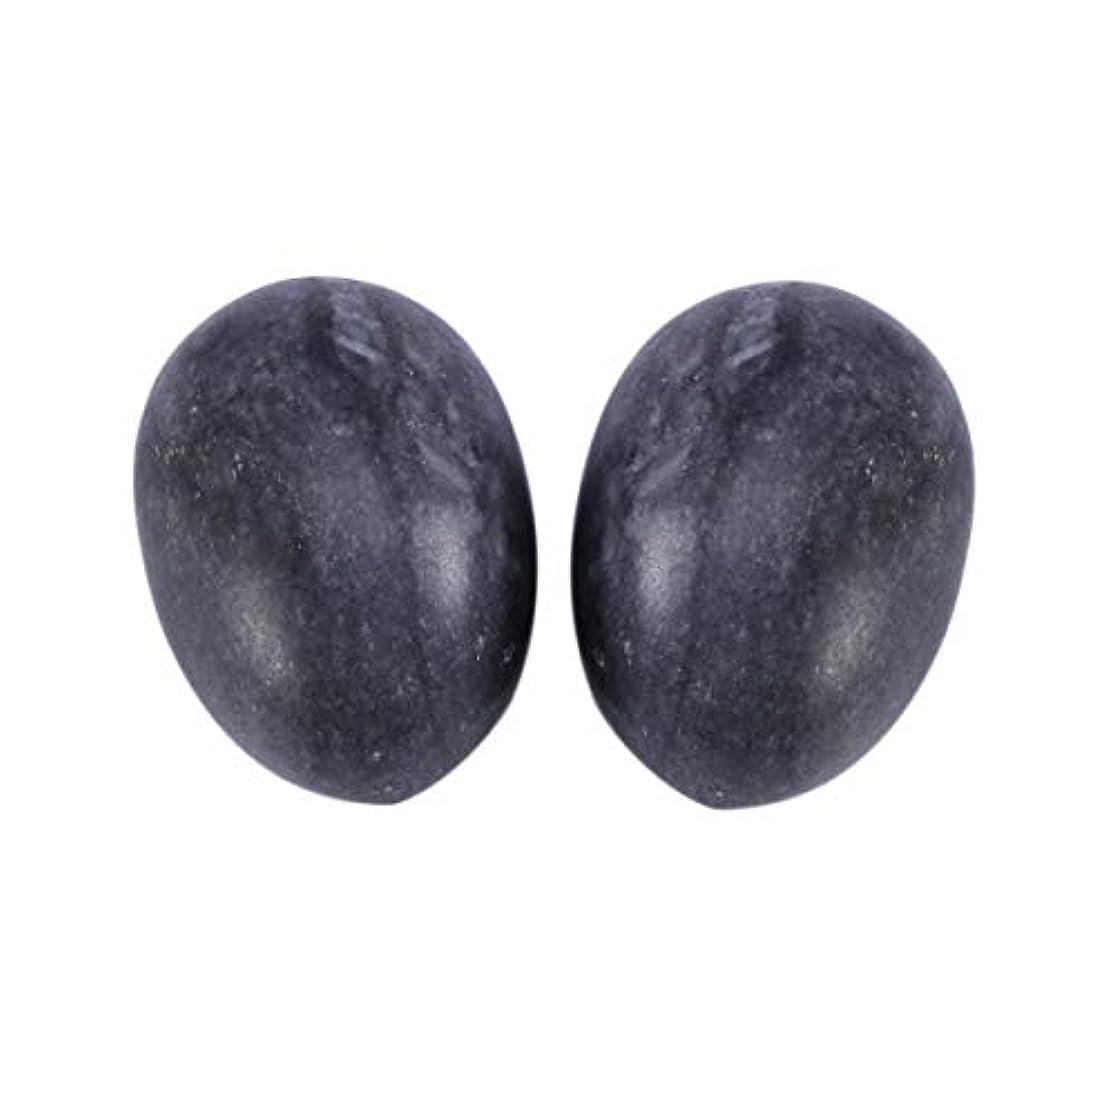 厳ツイン腸Healifty 6PCS翡翠Yoni卵マッサージ癒しの石のケゲル運動骨盤底筋運動(黒)